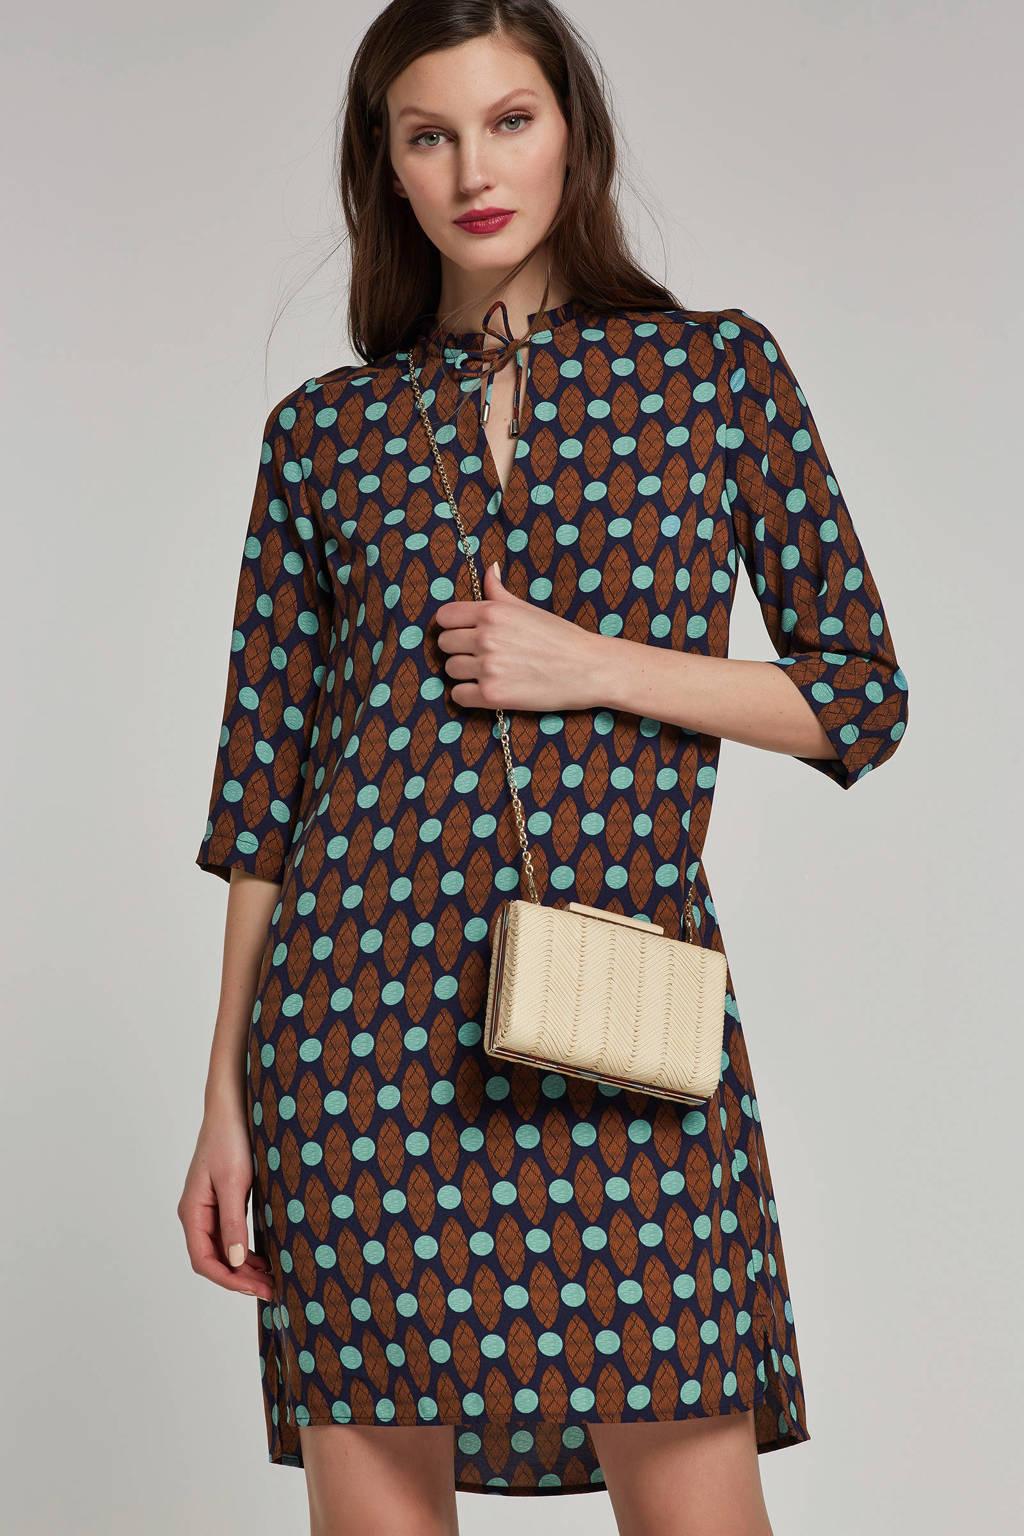 whkmp's own jurk met etnische print, Donkerblauw/brique/turquoise